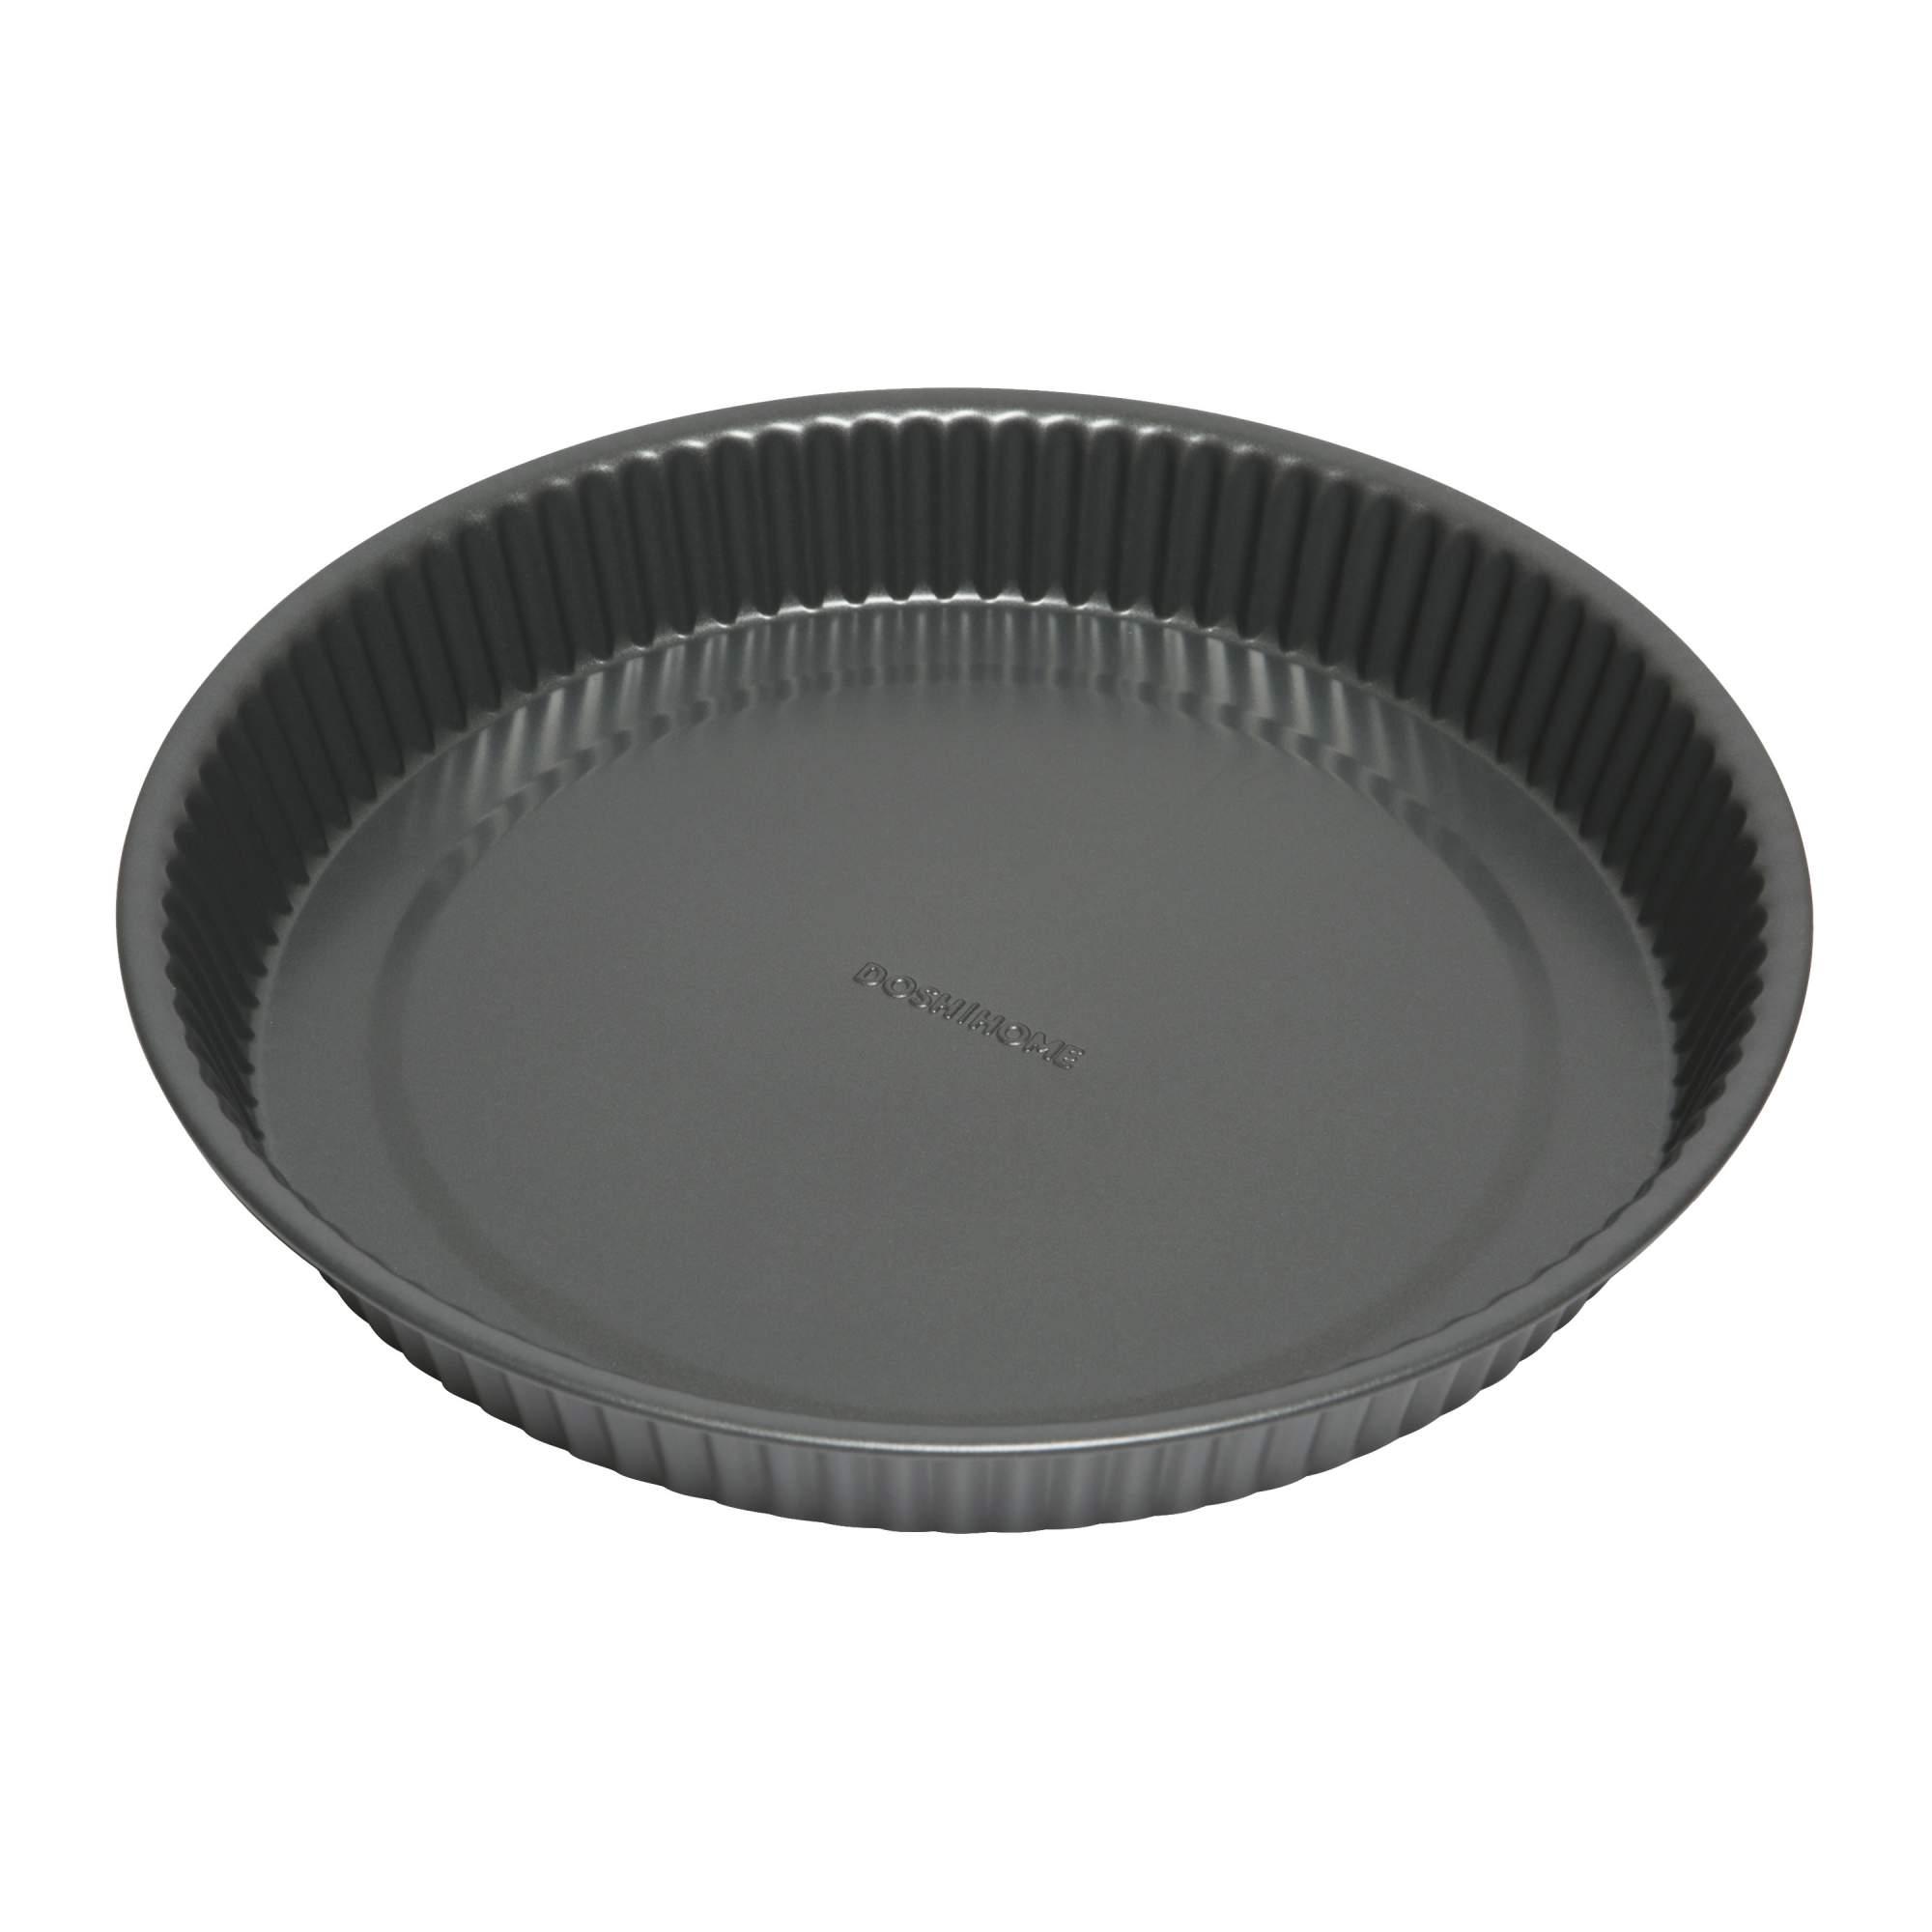 Форма для выпечки Dosh   Home 300112 Серый